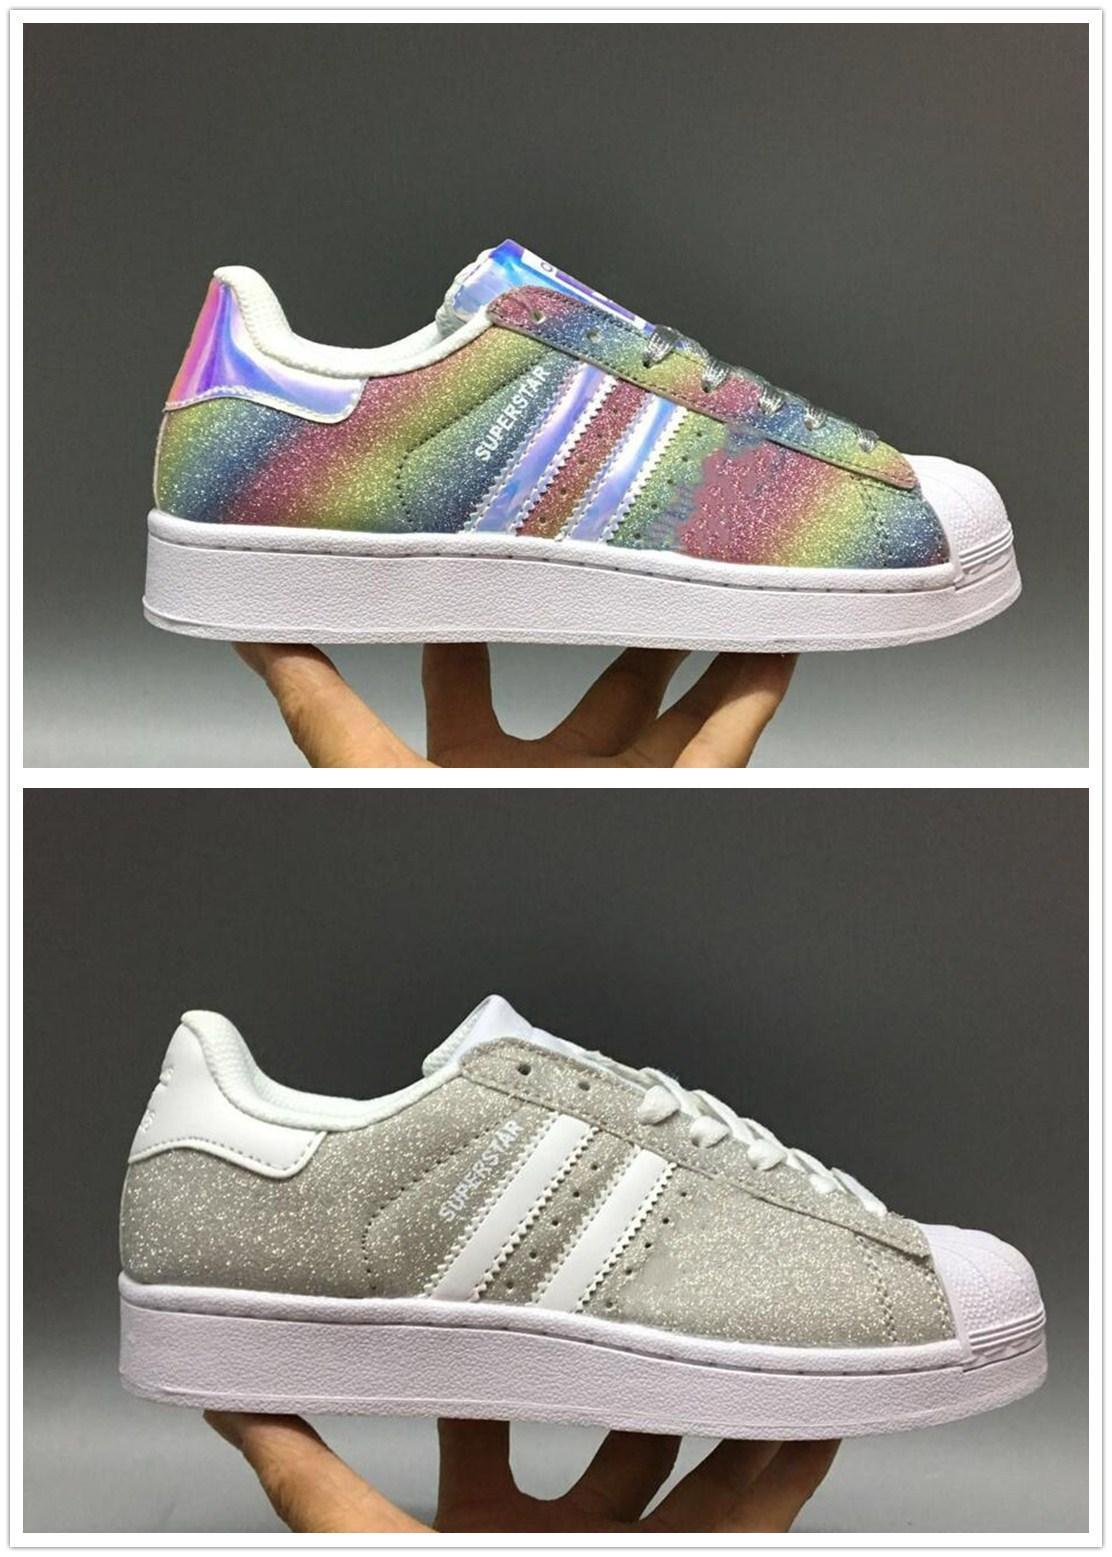 new product 03f68 16008 Compre Grandes Originales Zapatos De Los Hombres Para Los Zapatos De Las Mujeres  Zapato Blanco Láser Dazzle Color Superstar Shell Head Zapatos Casuales ...